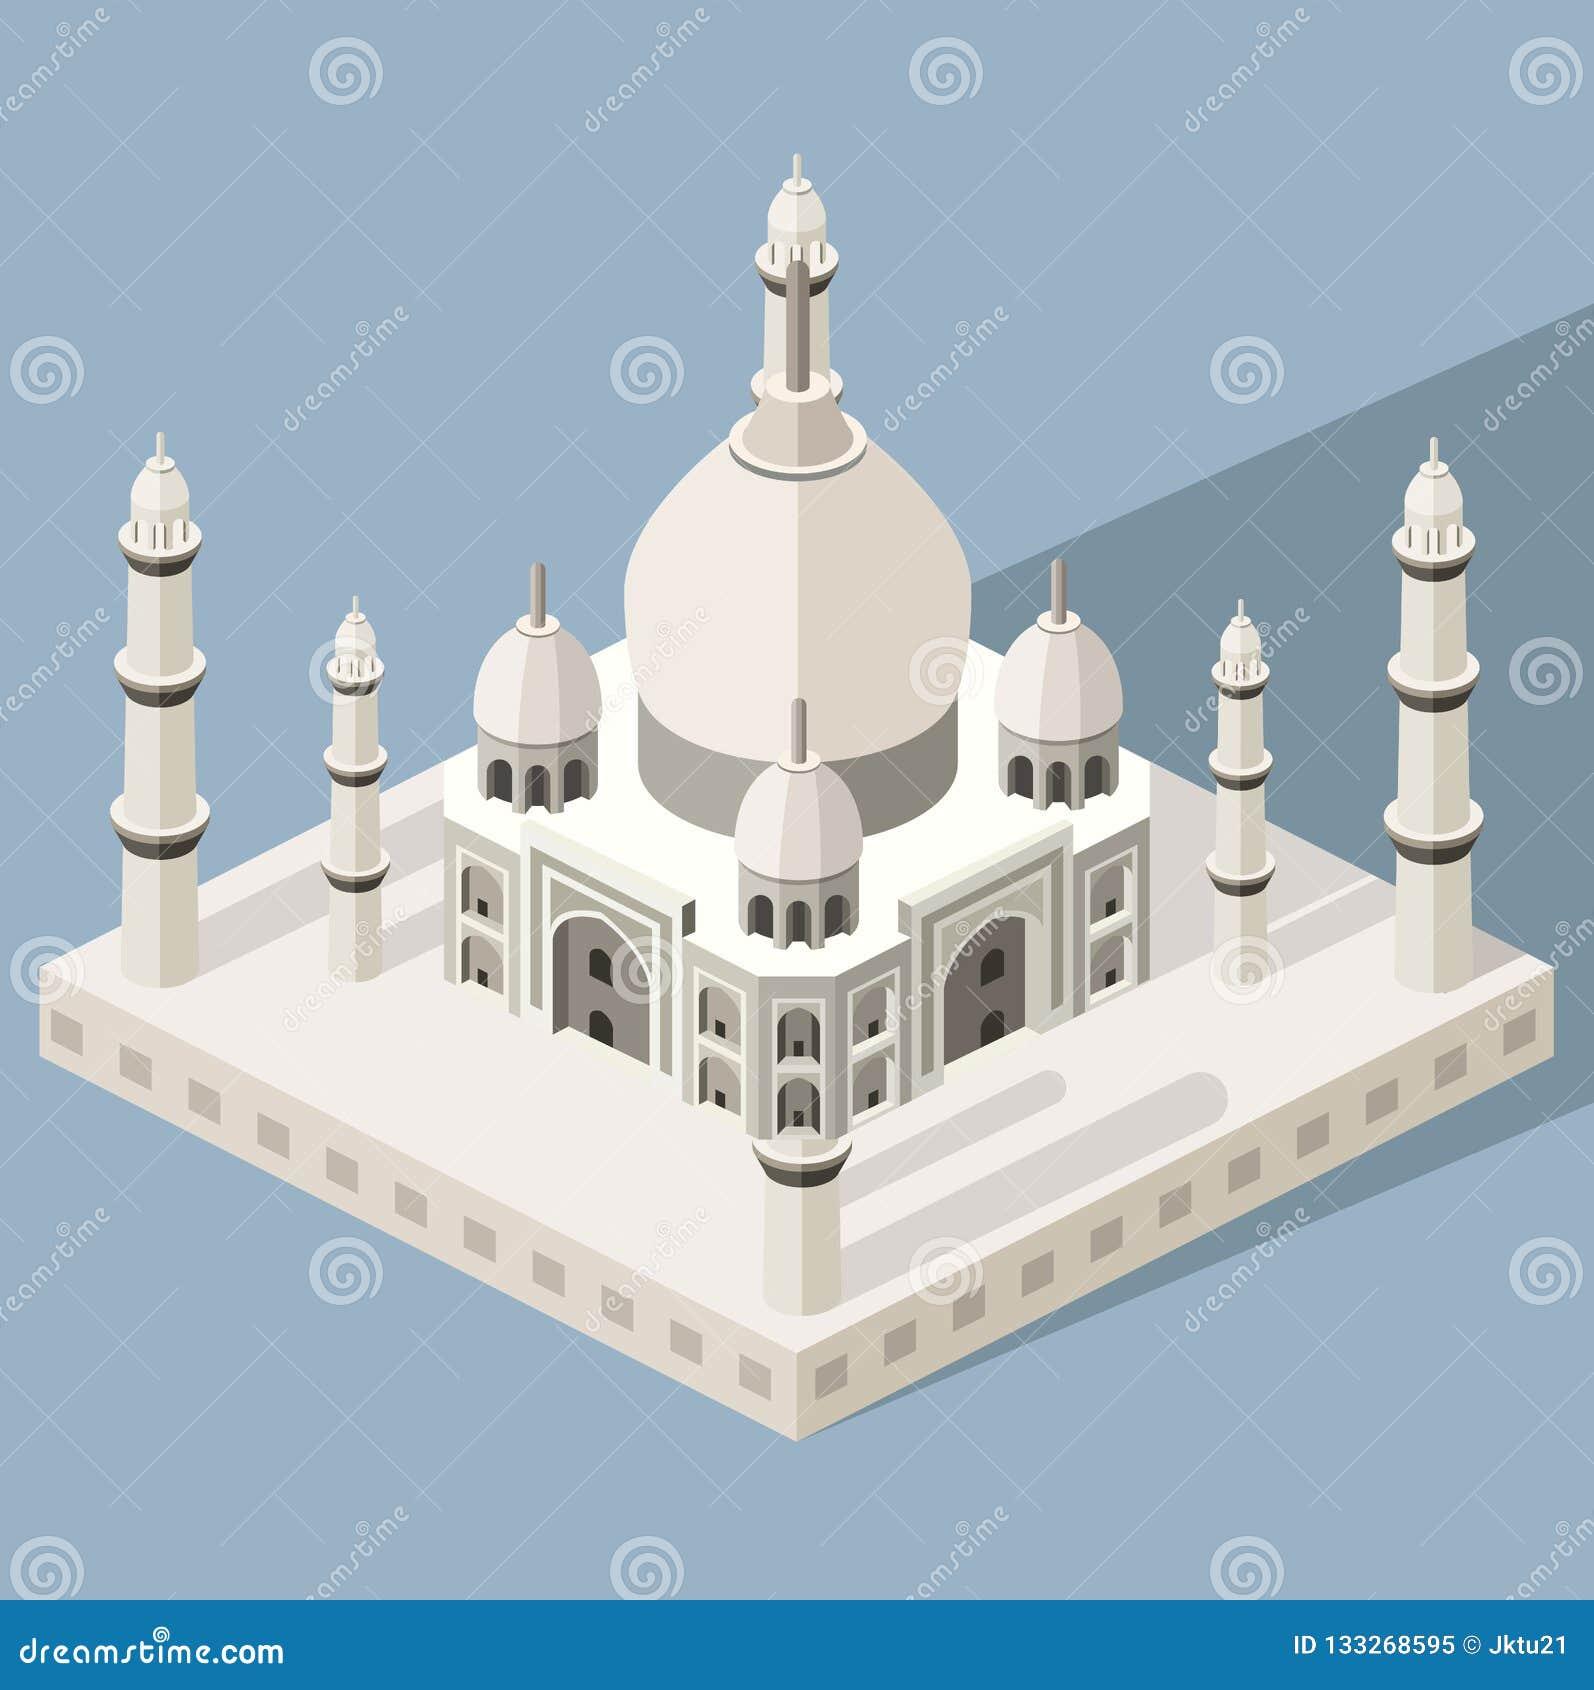 Vector 3d isometrisch pictogram van Taj Mahal-mausoleum met kleurrijke vlakke stijlschaduw en achtergrond